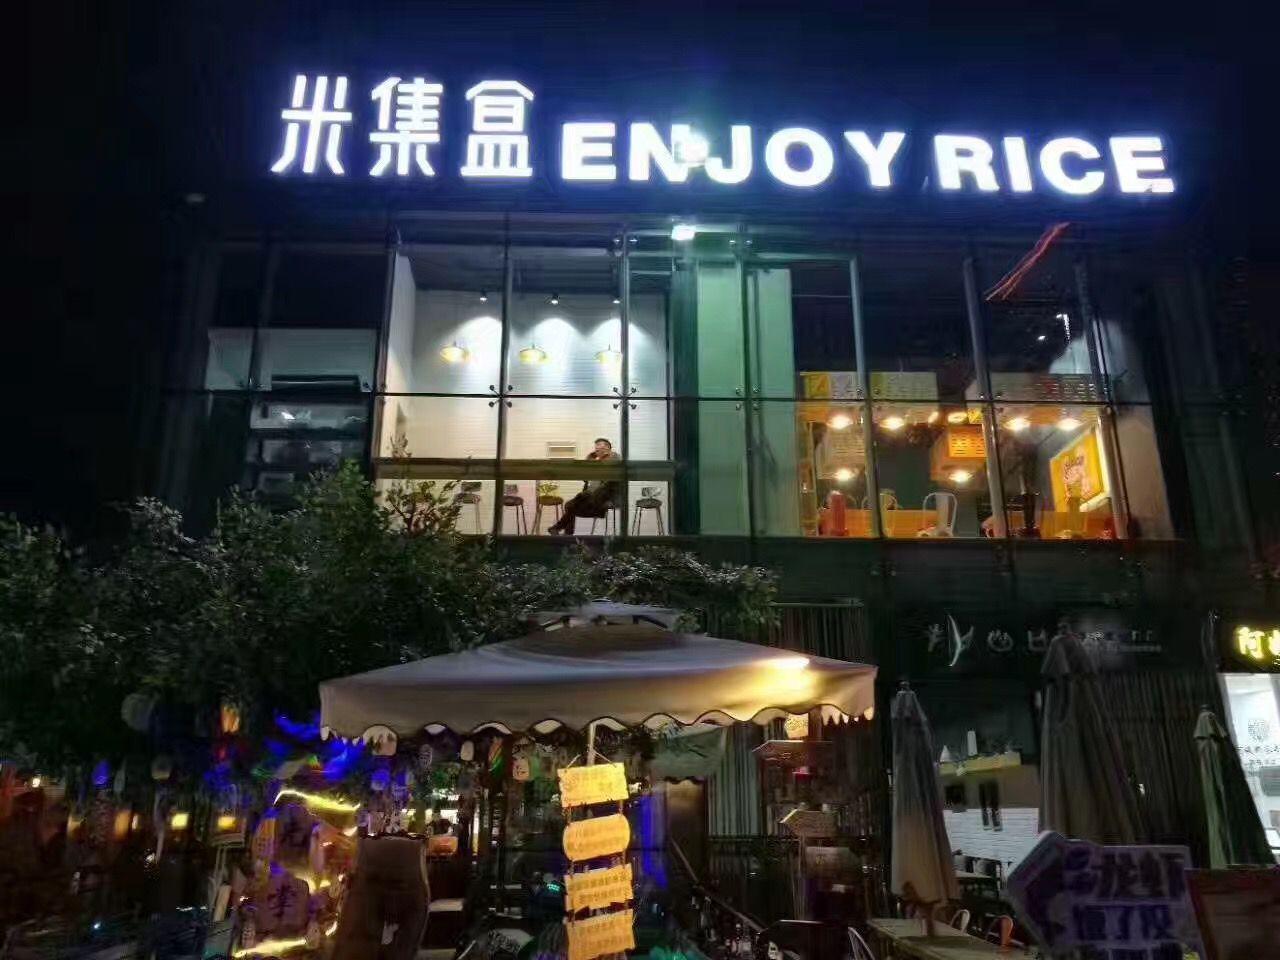 米集盒快餐